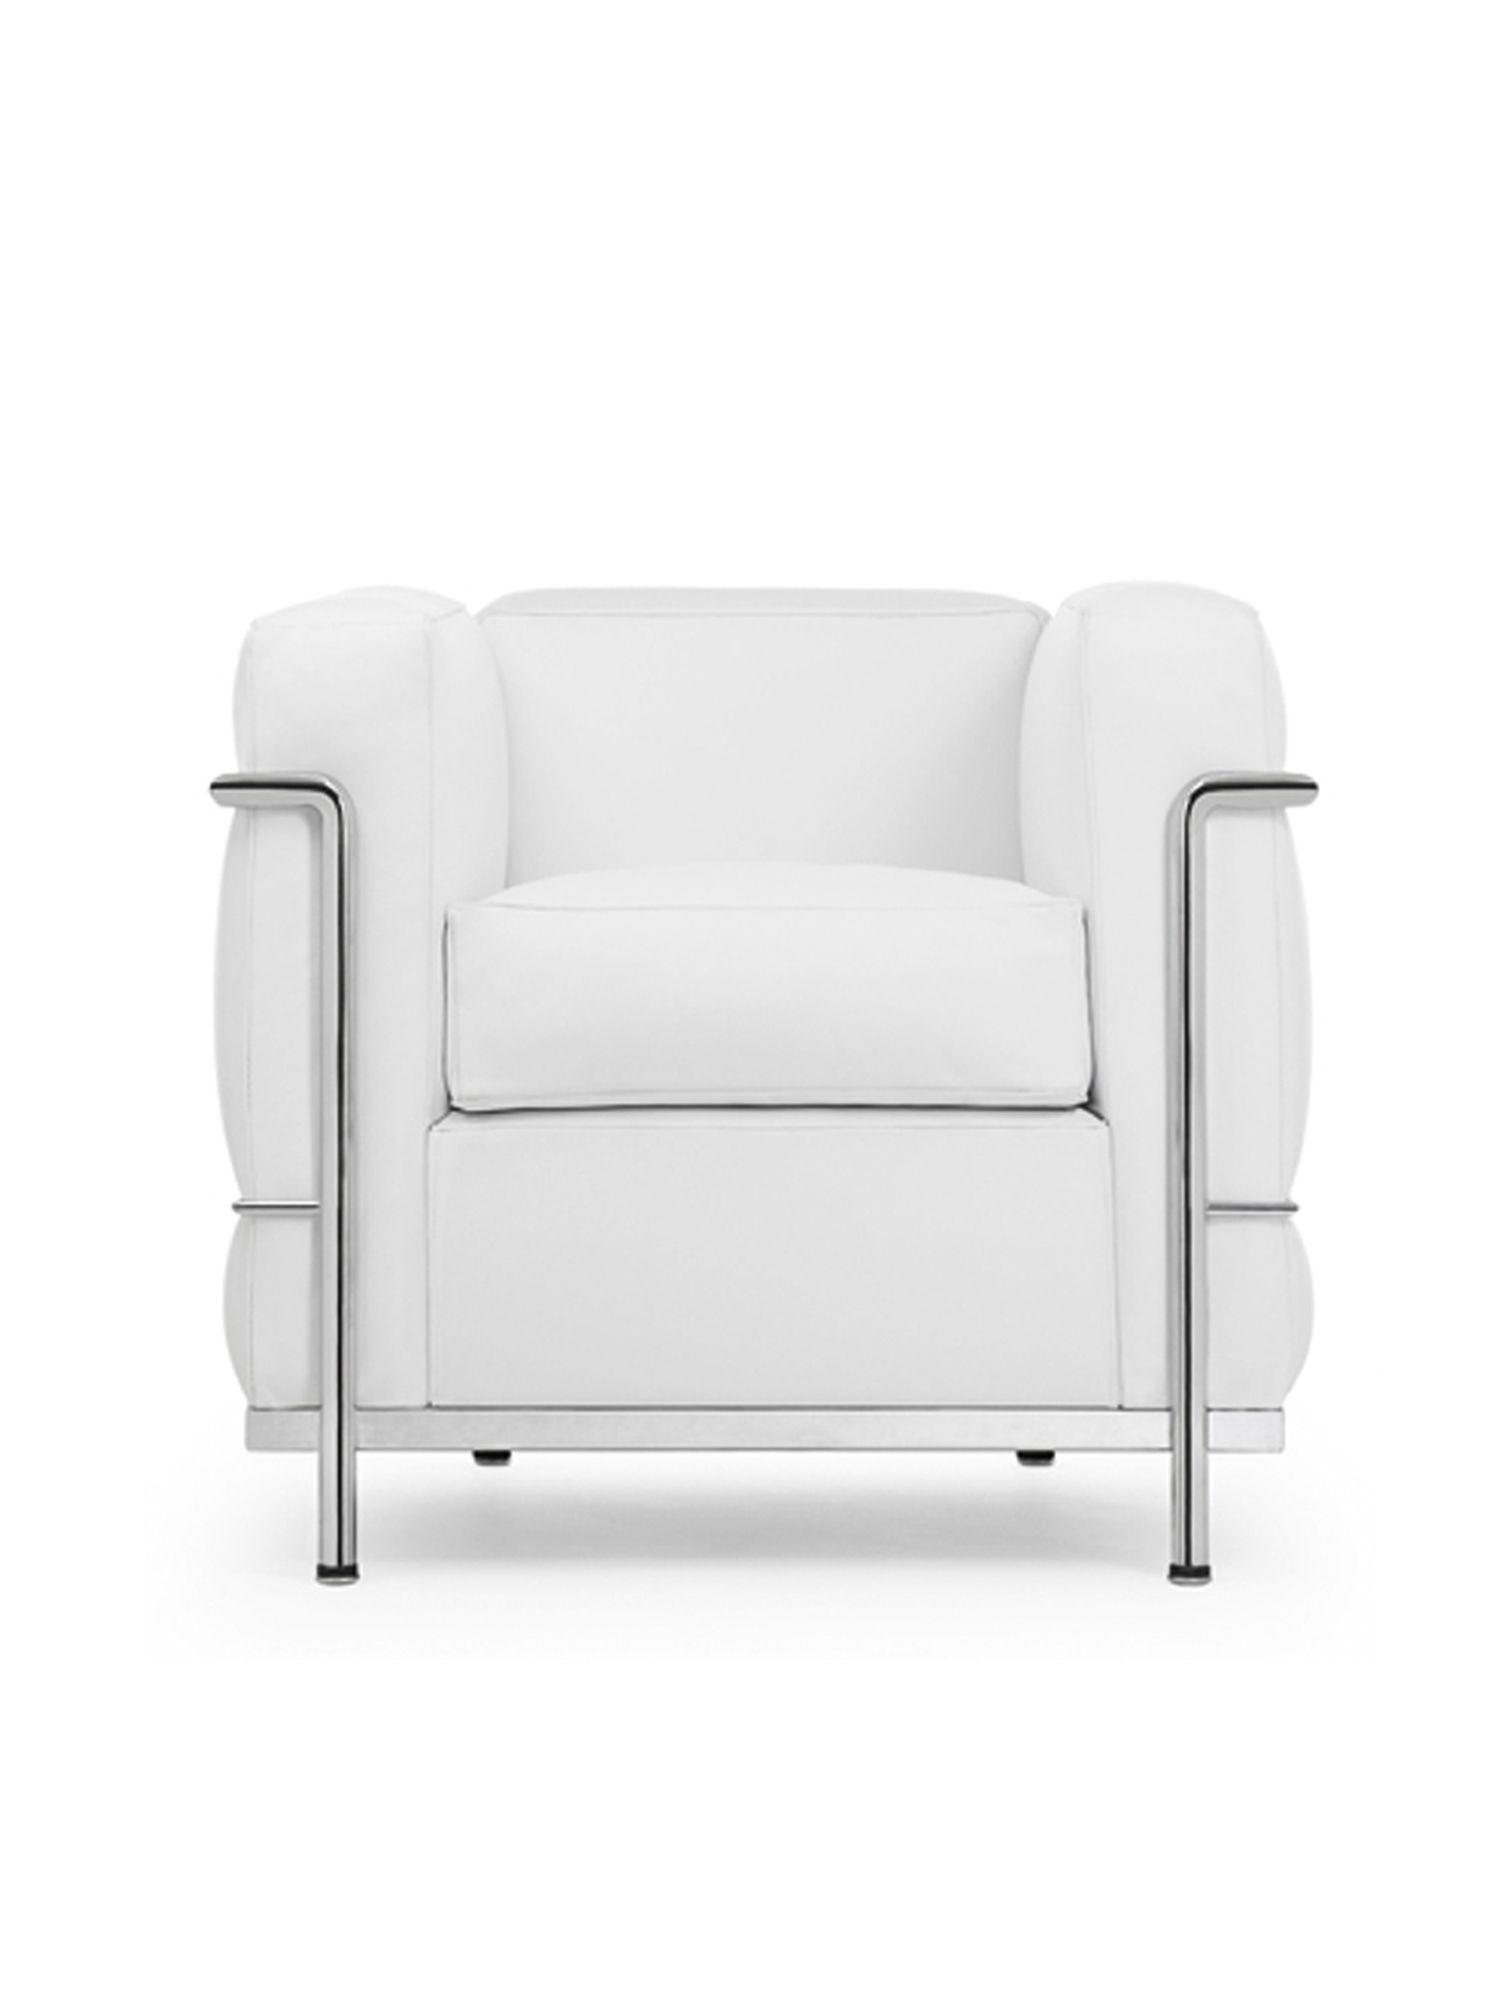 Der LC2-Stuhl ist schmaler im Design, mit hoher Sitzfläche und einer Rückenlehne (Foto: Courtesy of Cassina)